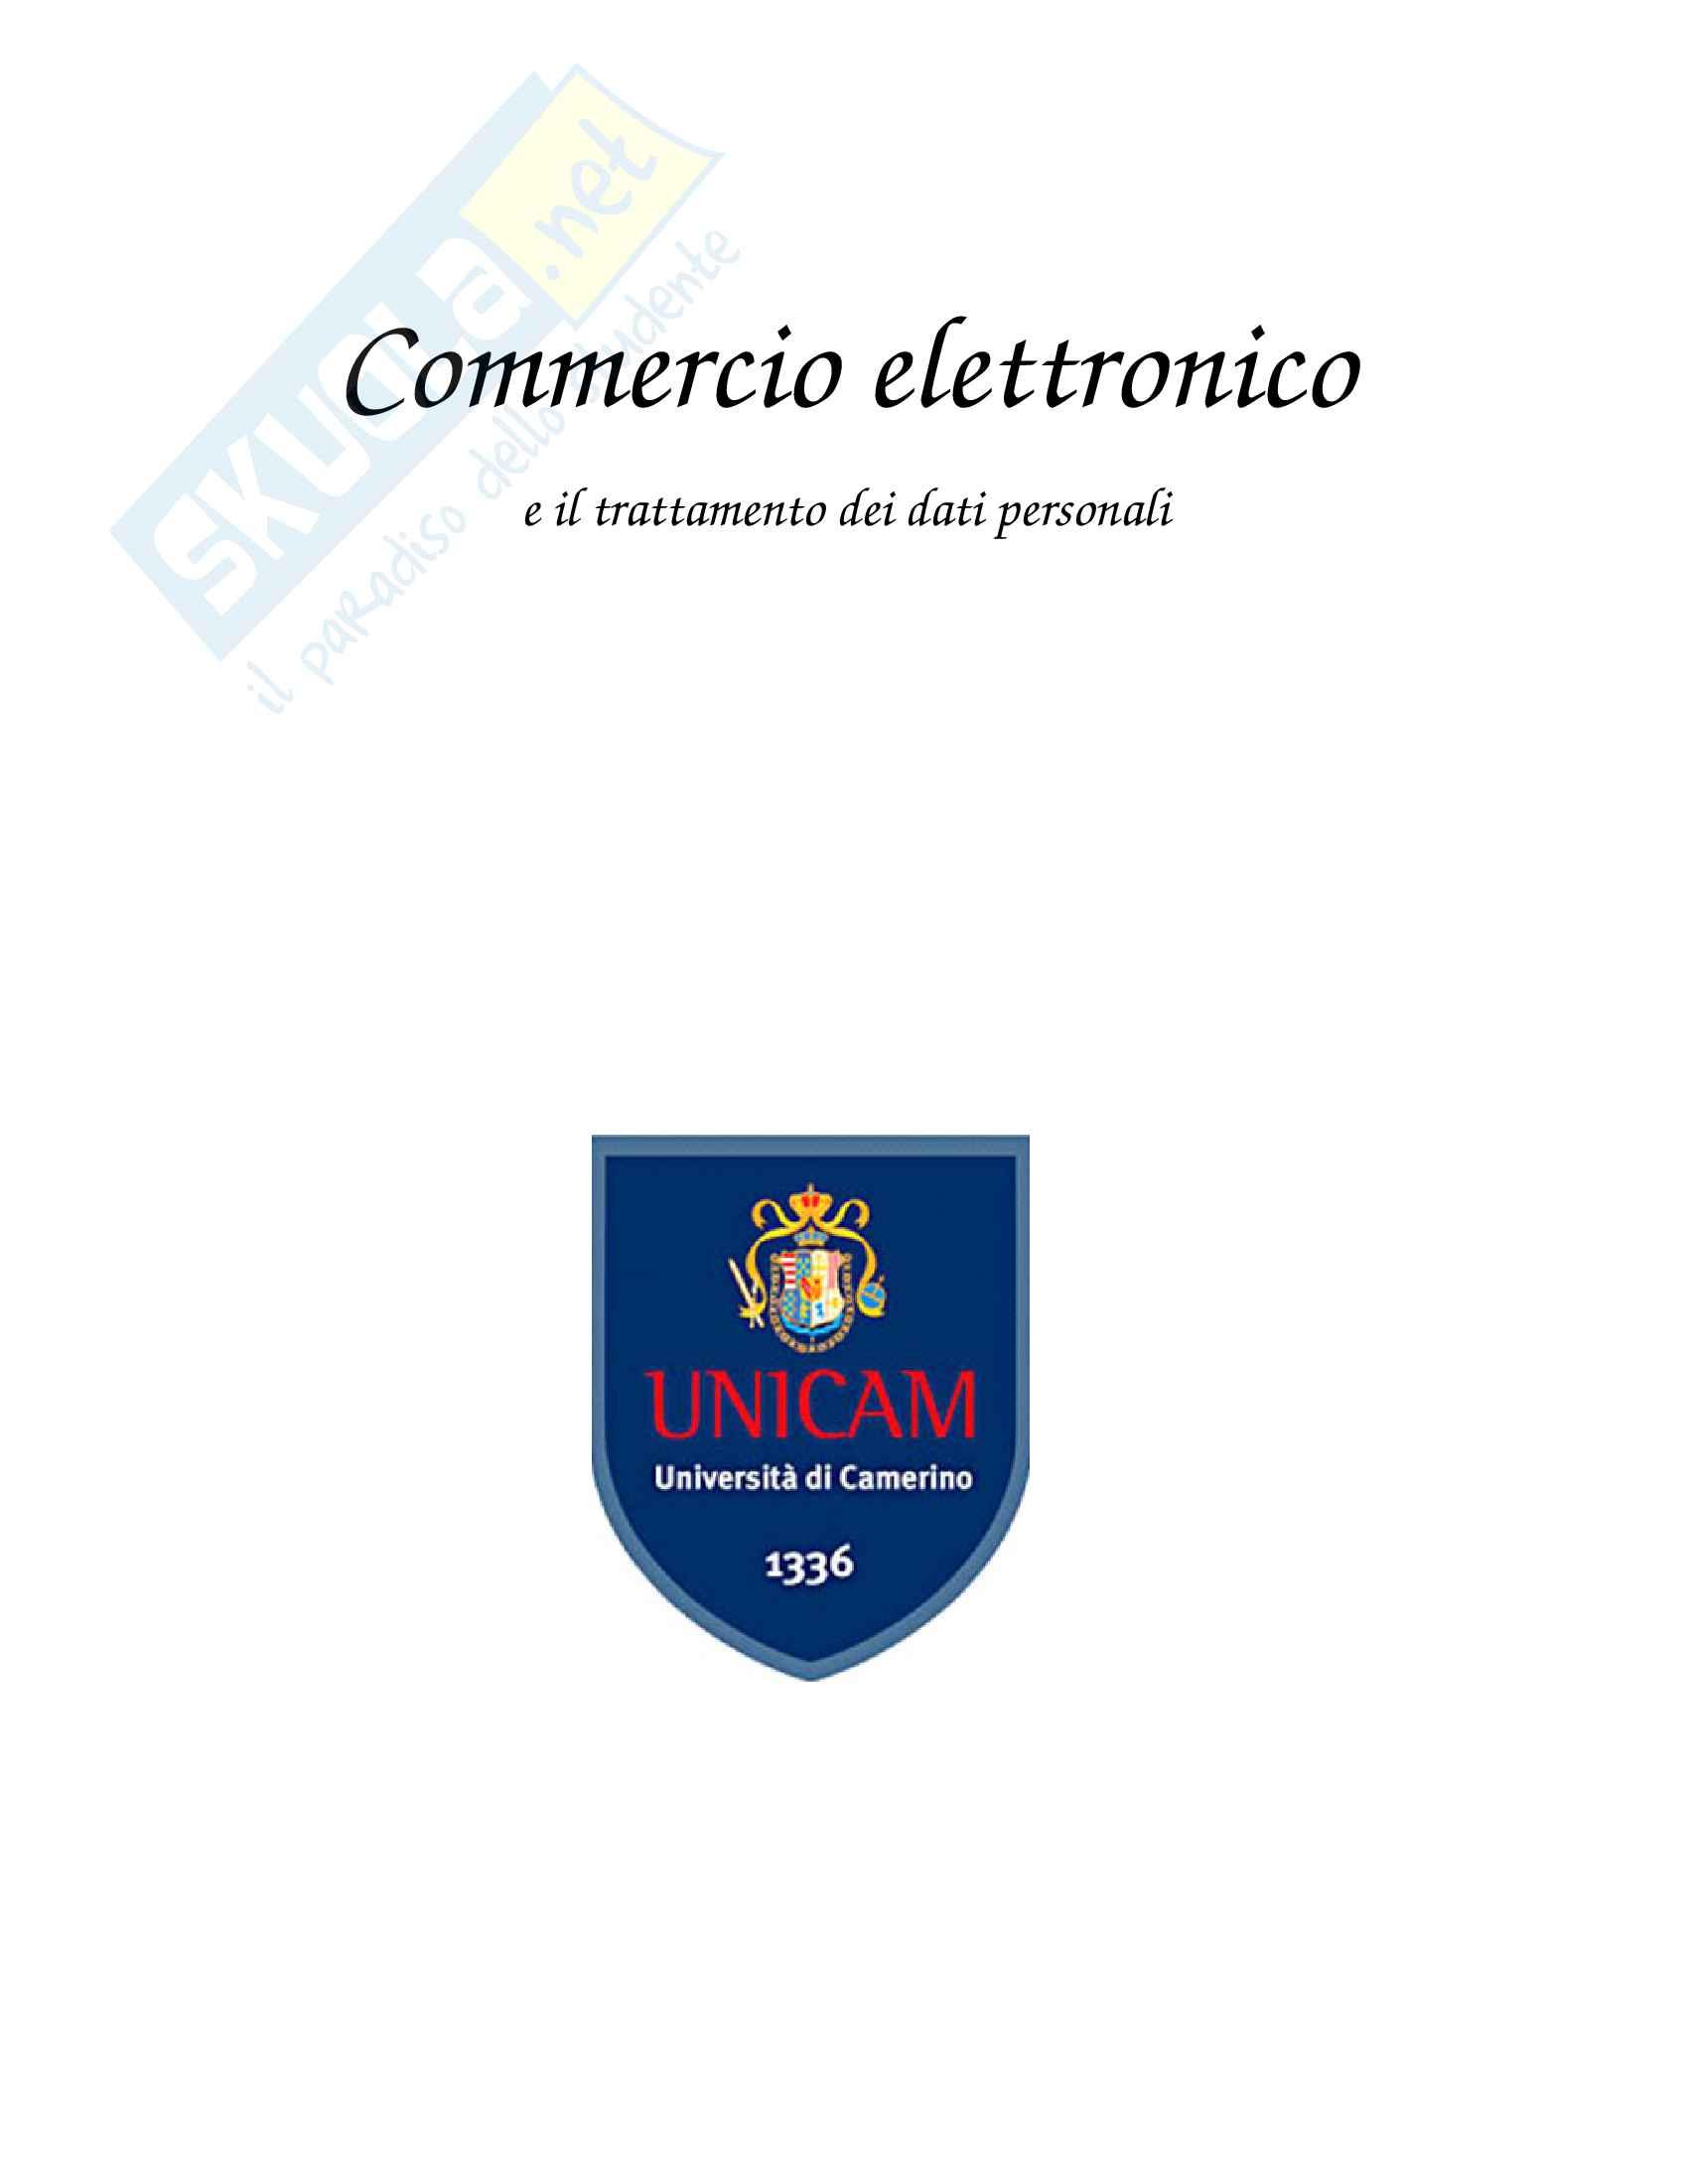 DOC Tesina di fine corso: Commercio elettronico e il trattamento dei dati personali